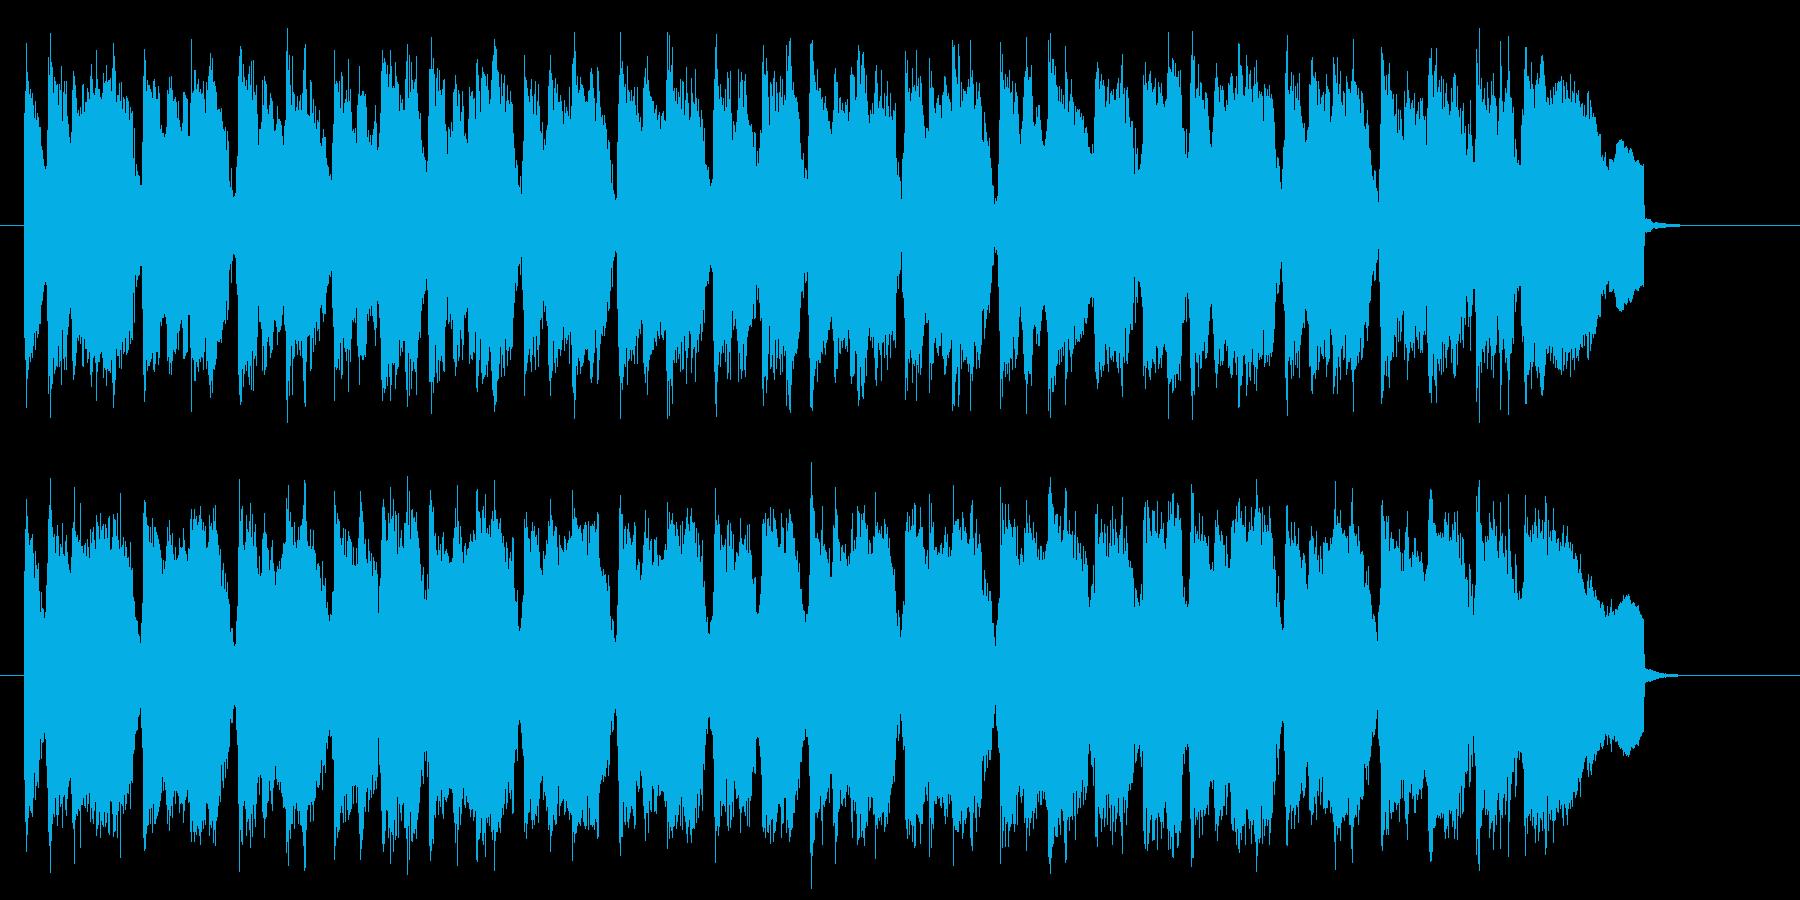 ギターのリフが繰り返される明るいポップスの再生済みの波形